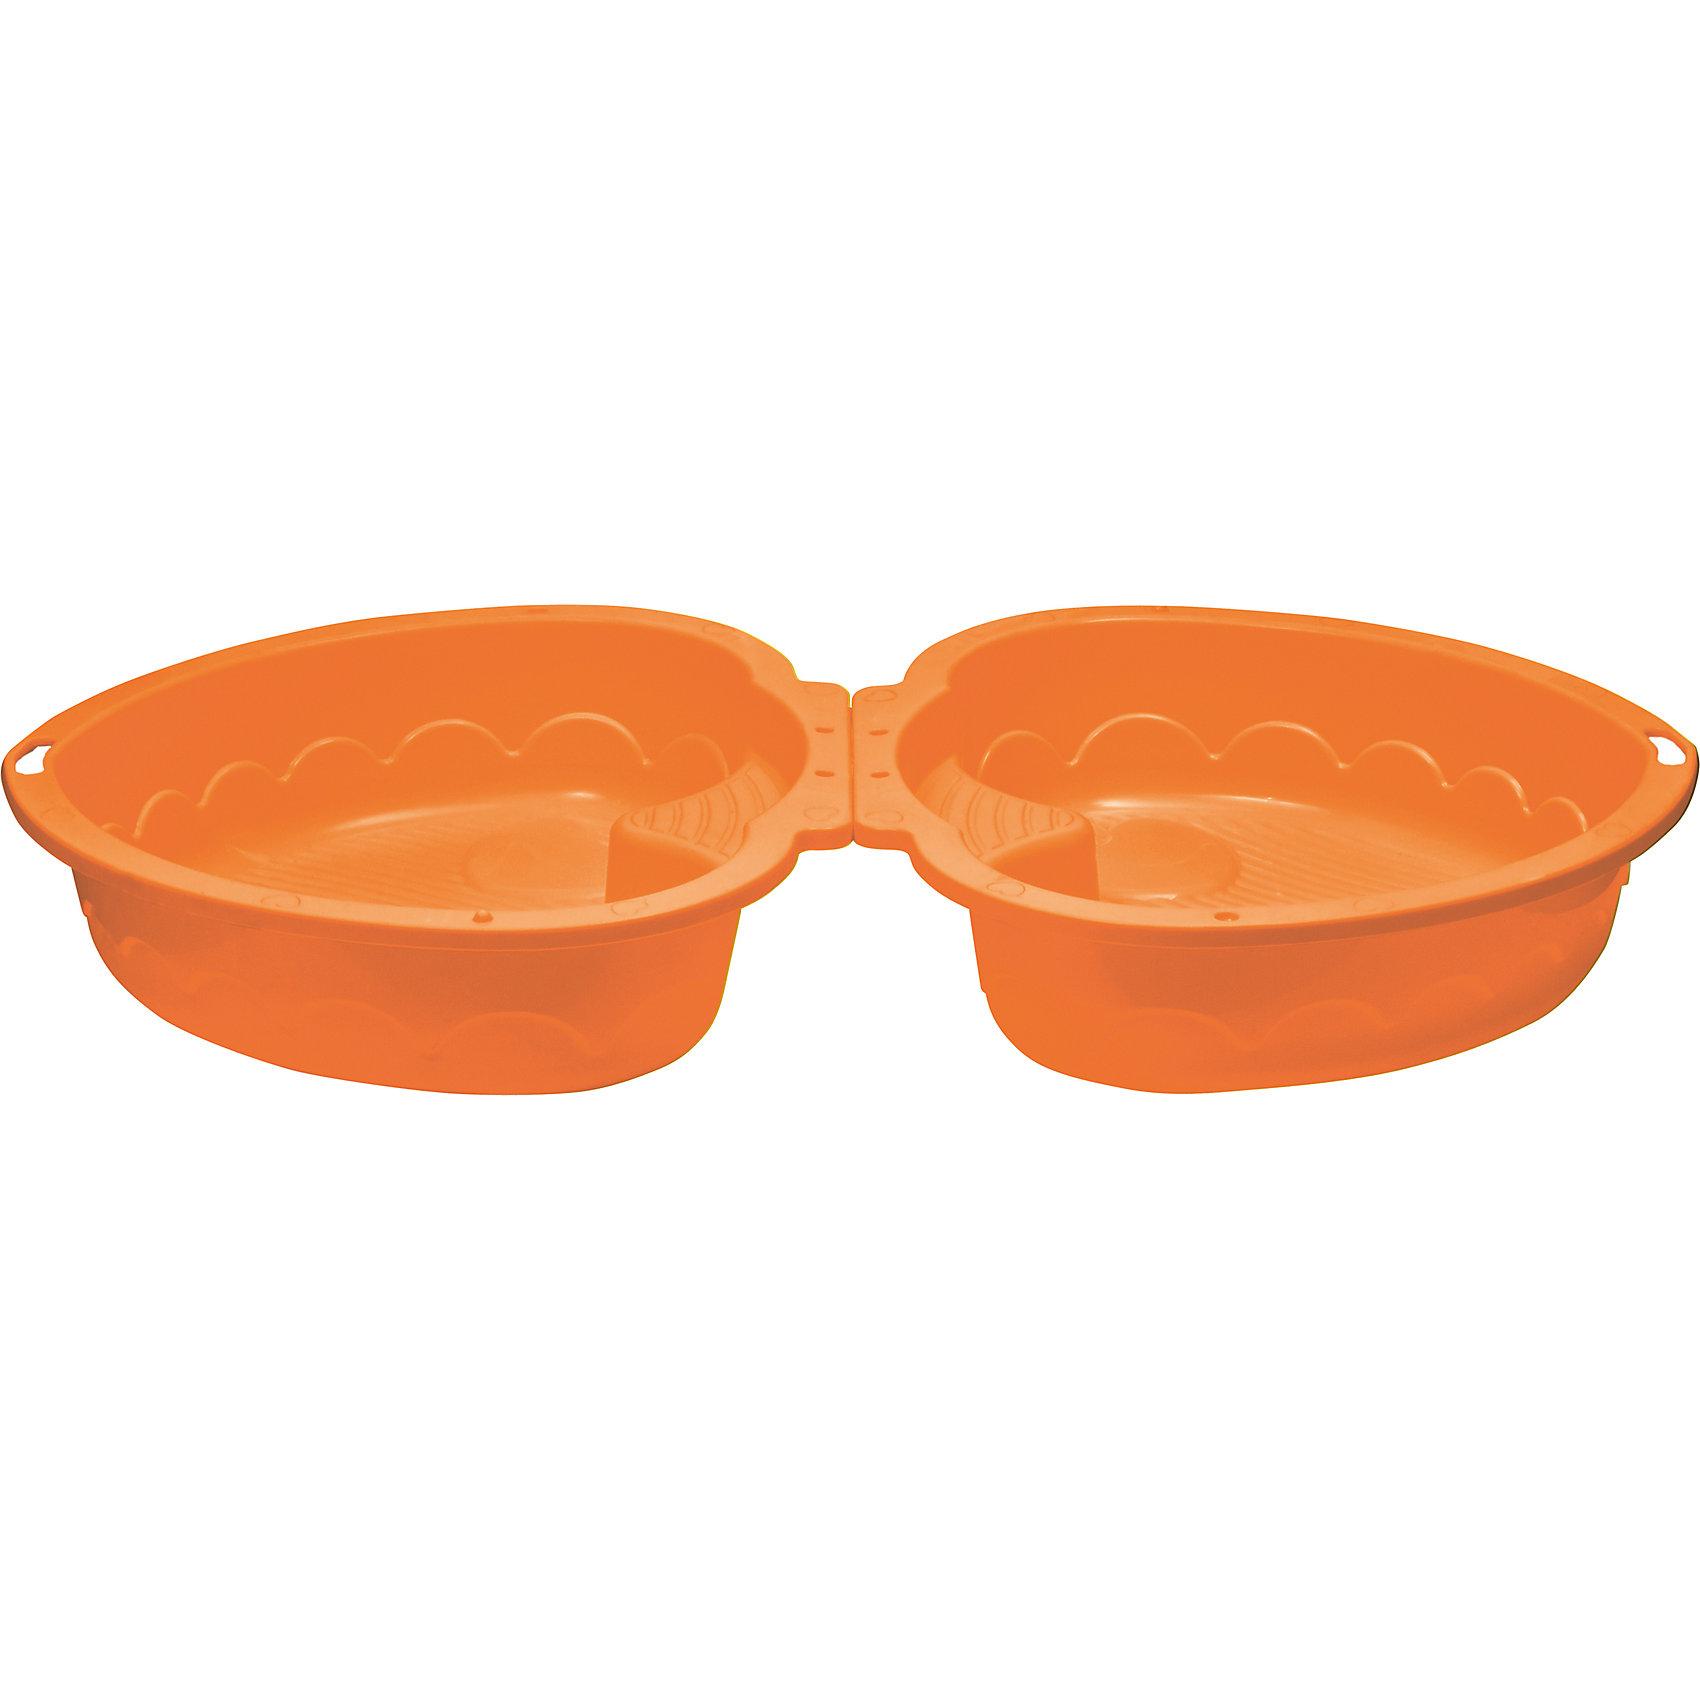 Двойная песочница Сердечко, оранжевая, MarianplastИграем в песочнице<br>Marian Plast Песочница-бассейн Сердечко удобна как для игры на улице, так и в закрытом помещении (если наполнить ее специальными шариками – не входят в комплект).<br><br>Песочница состоит из 2-ух частей, что позволяет закрывать ее от дождя. Одну из частей песочницы можно использовать в качестве крышки, которая защитит песочницу от домашних животных, попадания песка и листьев. В песочнице есть 2 сиденья, и Ваш малыш сможет не только играть в песок, но и поплескаться в воде со своими друзьями. <br>Крепежи не идут в комплекте, так как не требуются.<br>Размеры песочницы Сердечко Marian Plast 435 позволяют перевезти ее на любом легковом автомобиле. <br><br>Дополнительная информация:<br>- Размеры: <br>высота бортиков 20 см,<br>в разложенном виде размер песочницы-бассейна 180х79х20 см, высота в сложенном виде - 40 см<br>- Вес - 3,2 кг;<br>- Песочница изготовлена из прочного, нетоксичного, гипоаллергенного пластика<br><br>Песочница - бассейн Сердечко MarianPlast (Марианпласт) отлично подойдет для летнего отдыха Вашего малыша на даче.<br><br>Ширина мм: 905<br>Глубина мм: 790<br>Высота мм: 400<br>Вес г: 3160<br>Возраст от месяцев: 144<br>Возраст до месяцев: 60<br>Пол: Унисекс<br>Возраст: Детский<br>SKU: 4055318